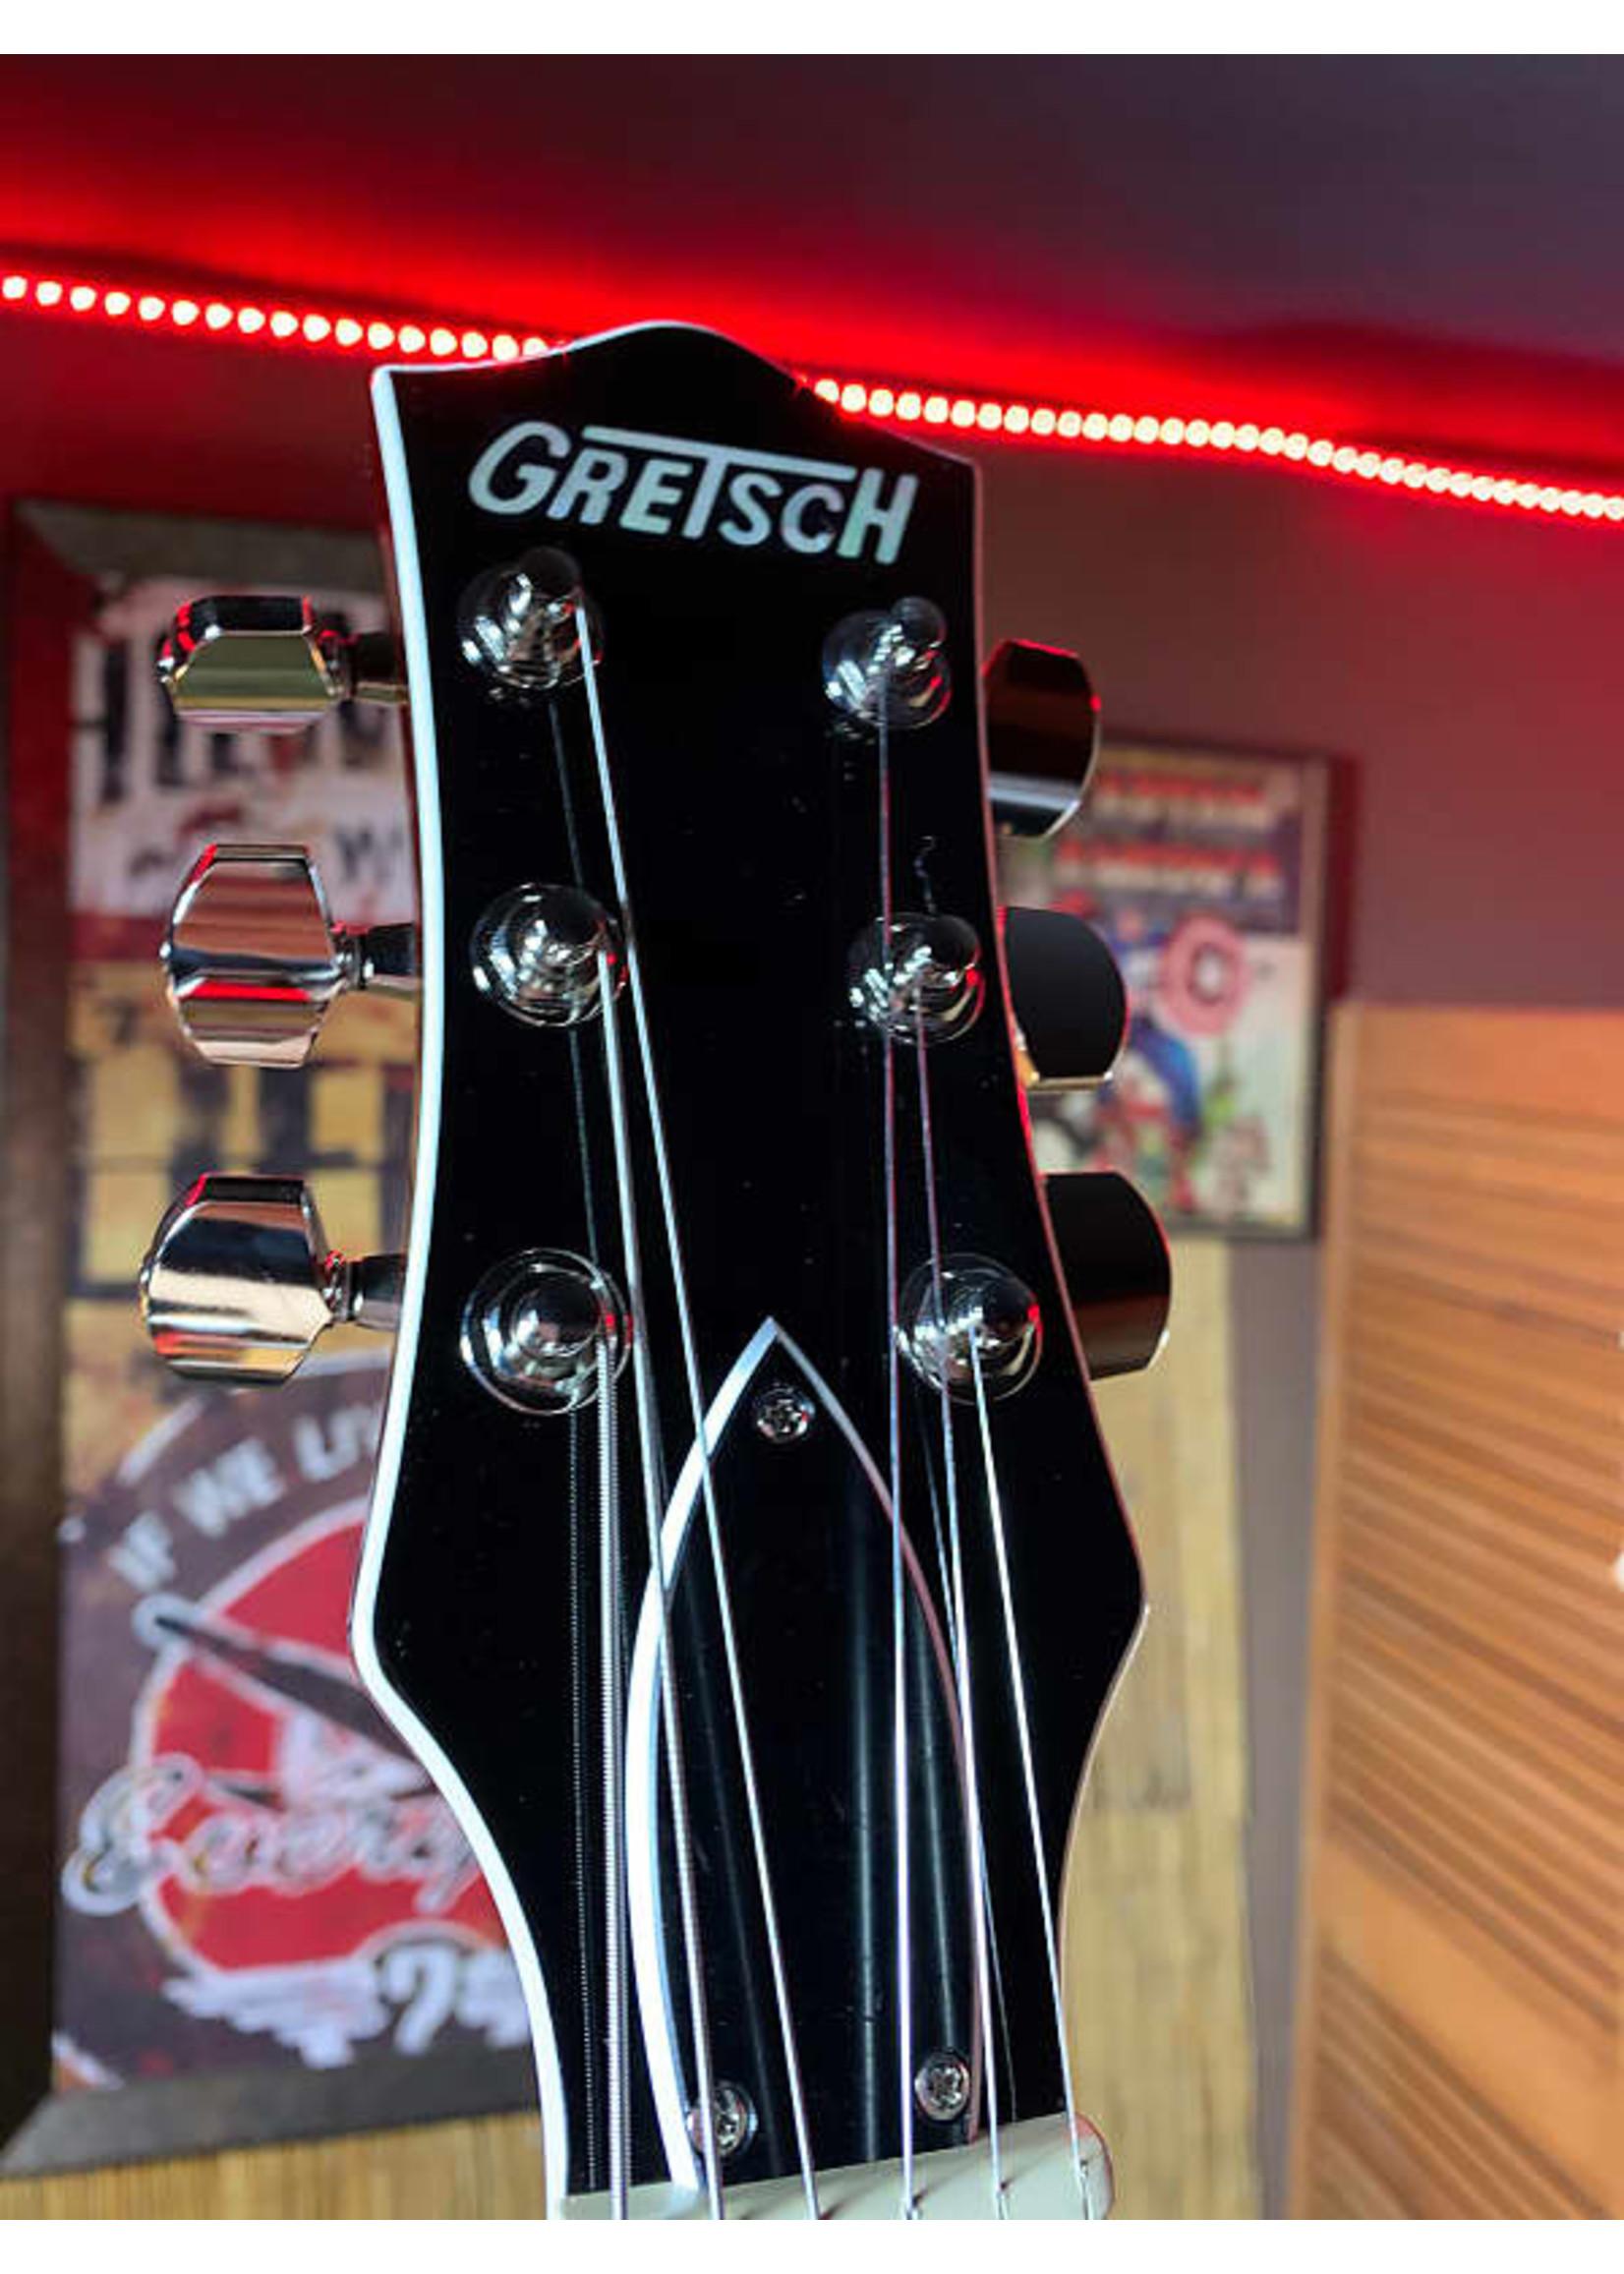 Gretsch Gretsch G6128T Players Edition Jet DS with Bigsby in Dark Cherry Metallic